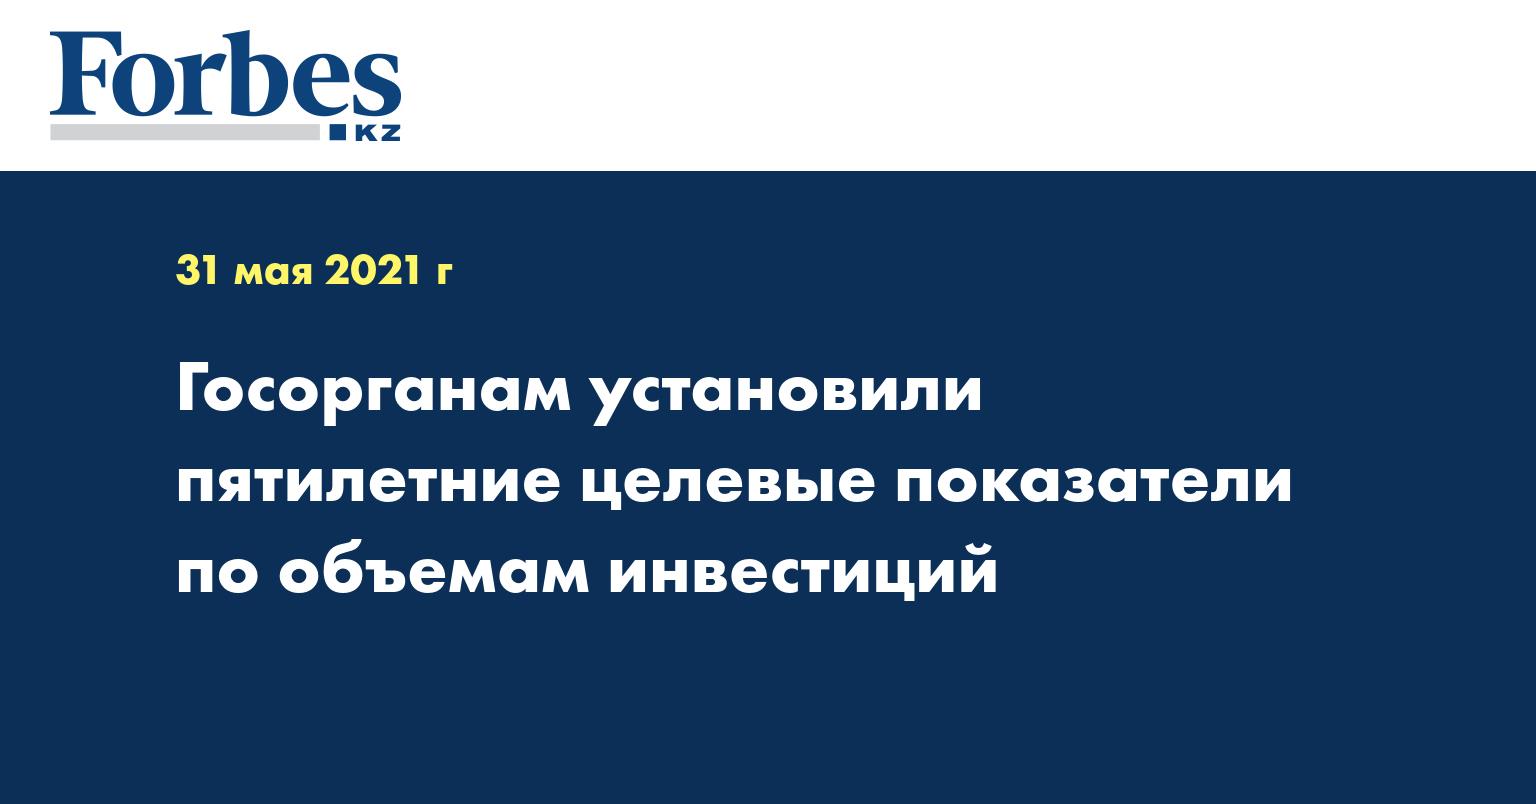 Госорганам установили пятилетние целевые показатели по объемам инвестиций